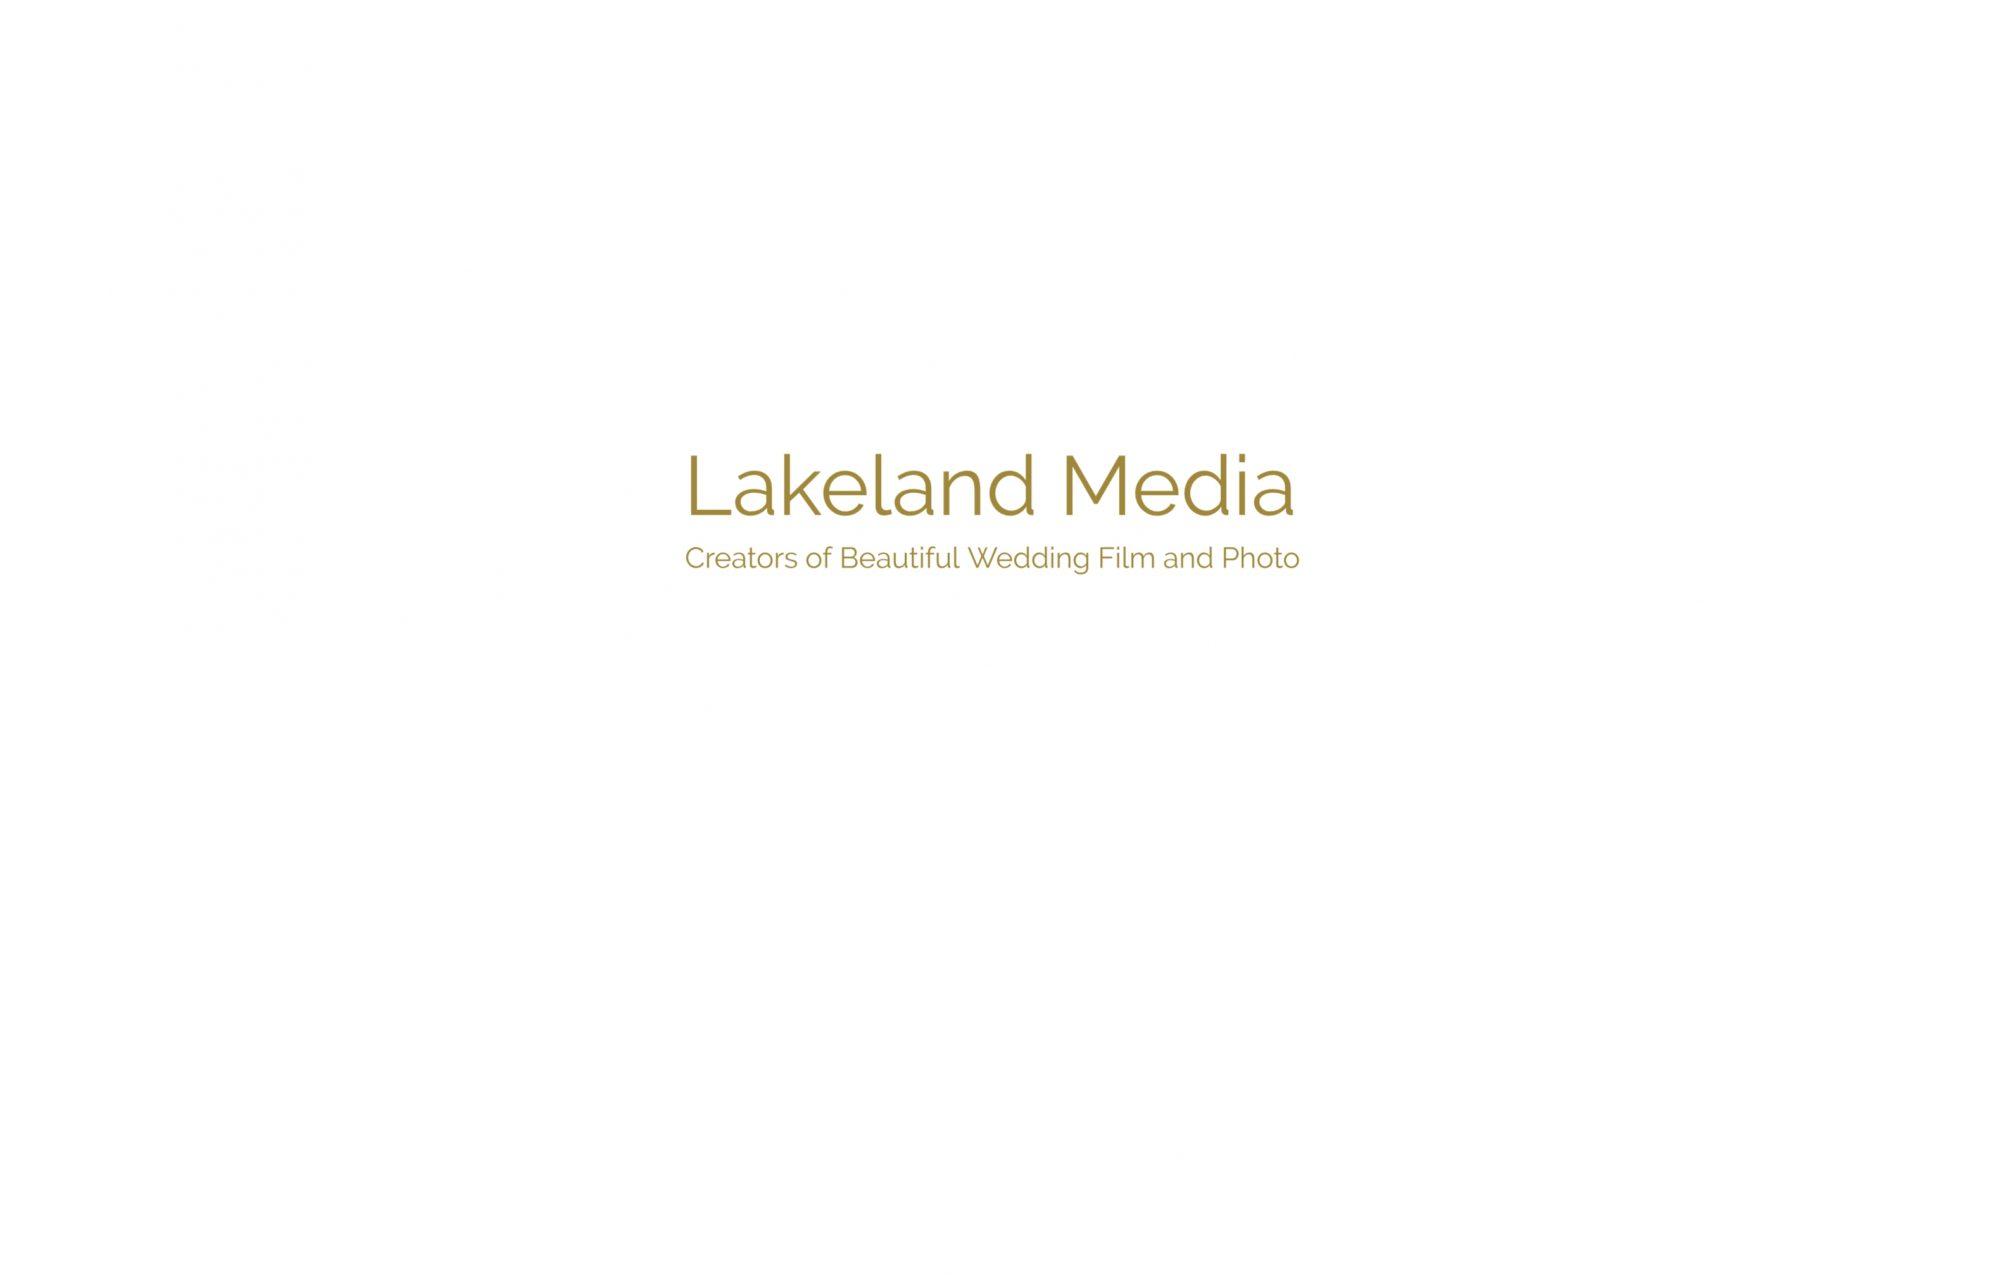 Lakeland Media Wedding Film and Photography